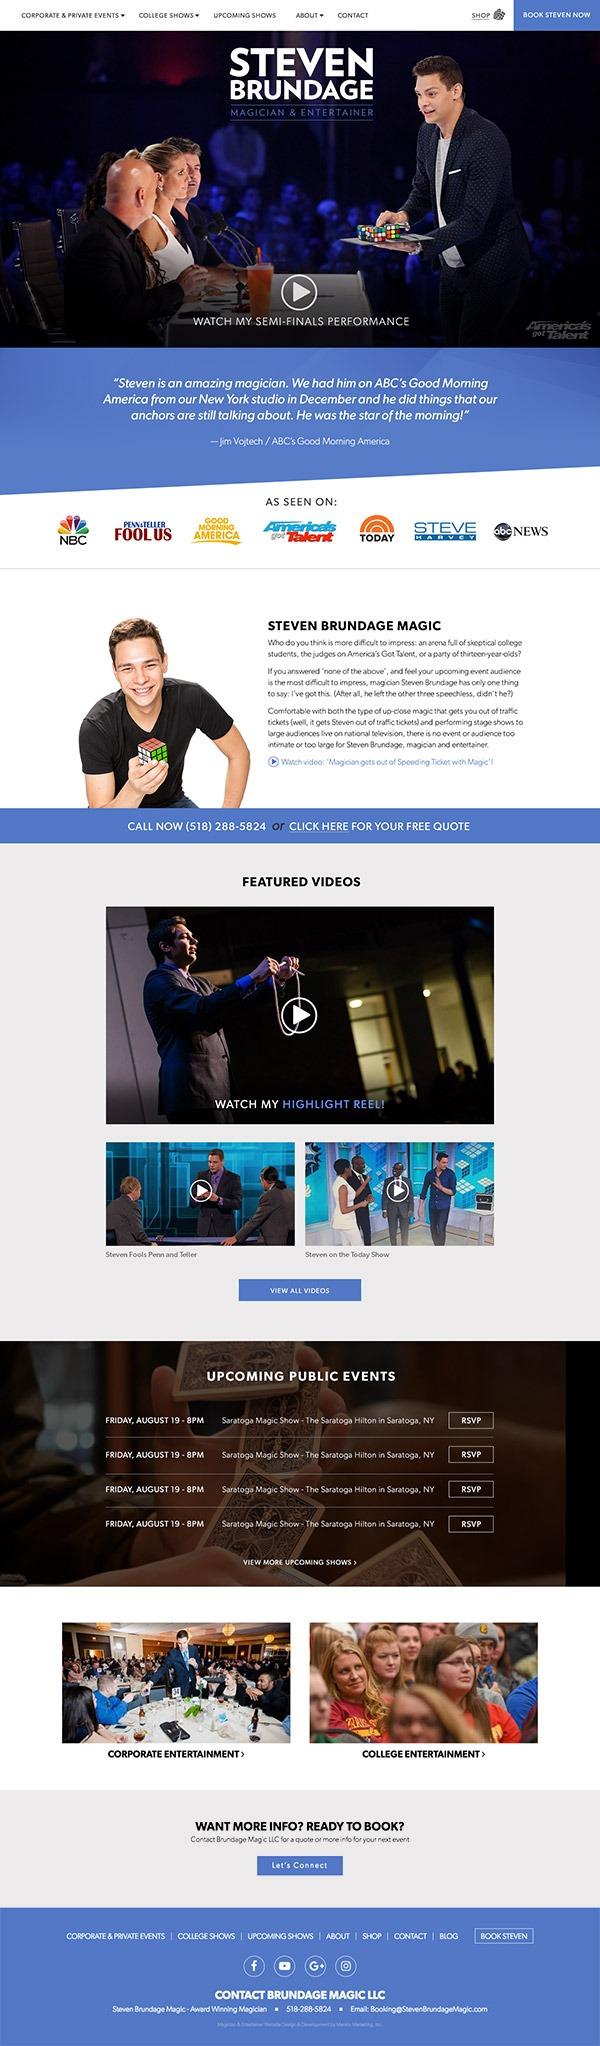 Entire image of the full homepage of StevenBrundageMagic.com